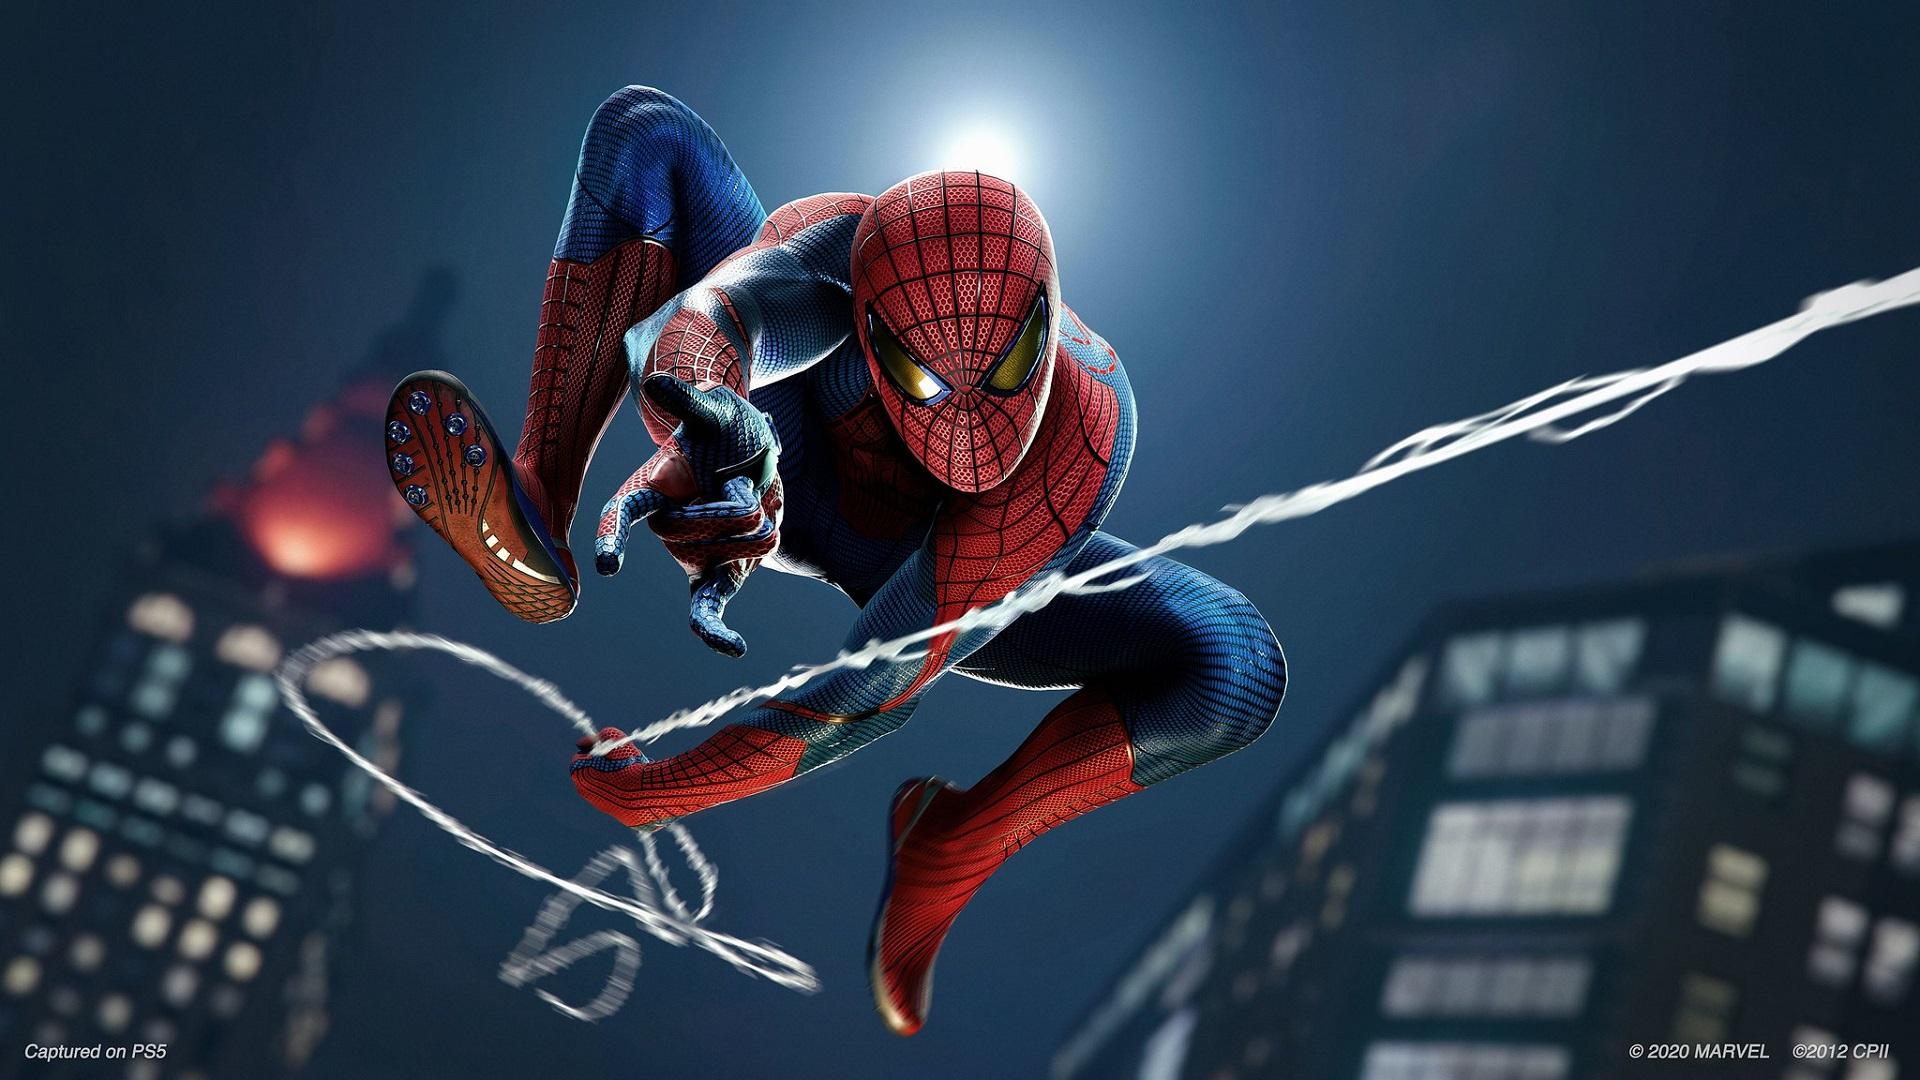 Marvel's Spider-Man Miles Morales – V úlohe pavúčieho hrdinu budeš opäť zachraňovať svet. Tentokrát však ako Miles Morales. Príbeh sa odohráva po pôvodnom titule Spider-Man z roku 2018.